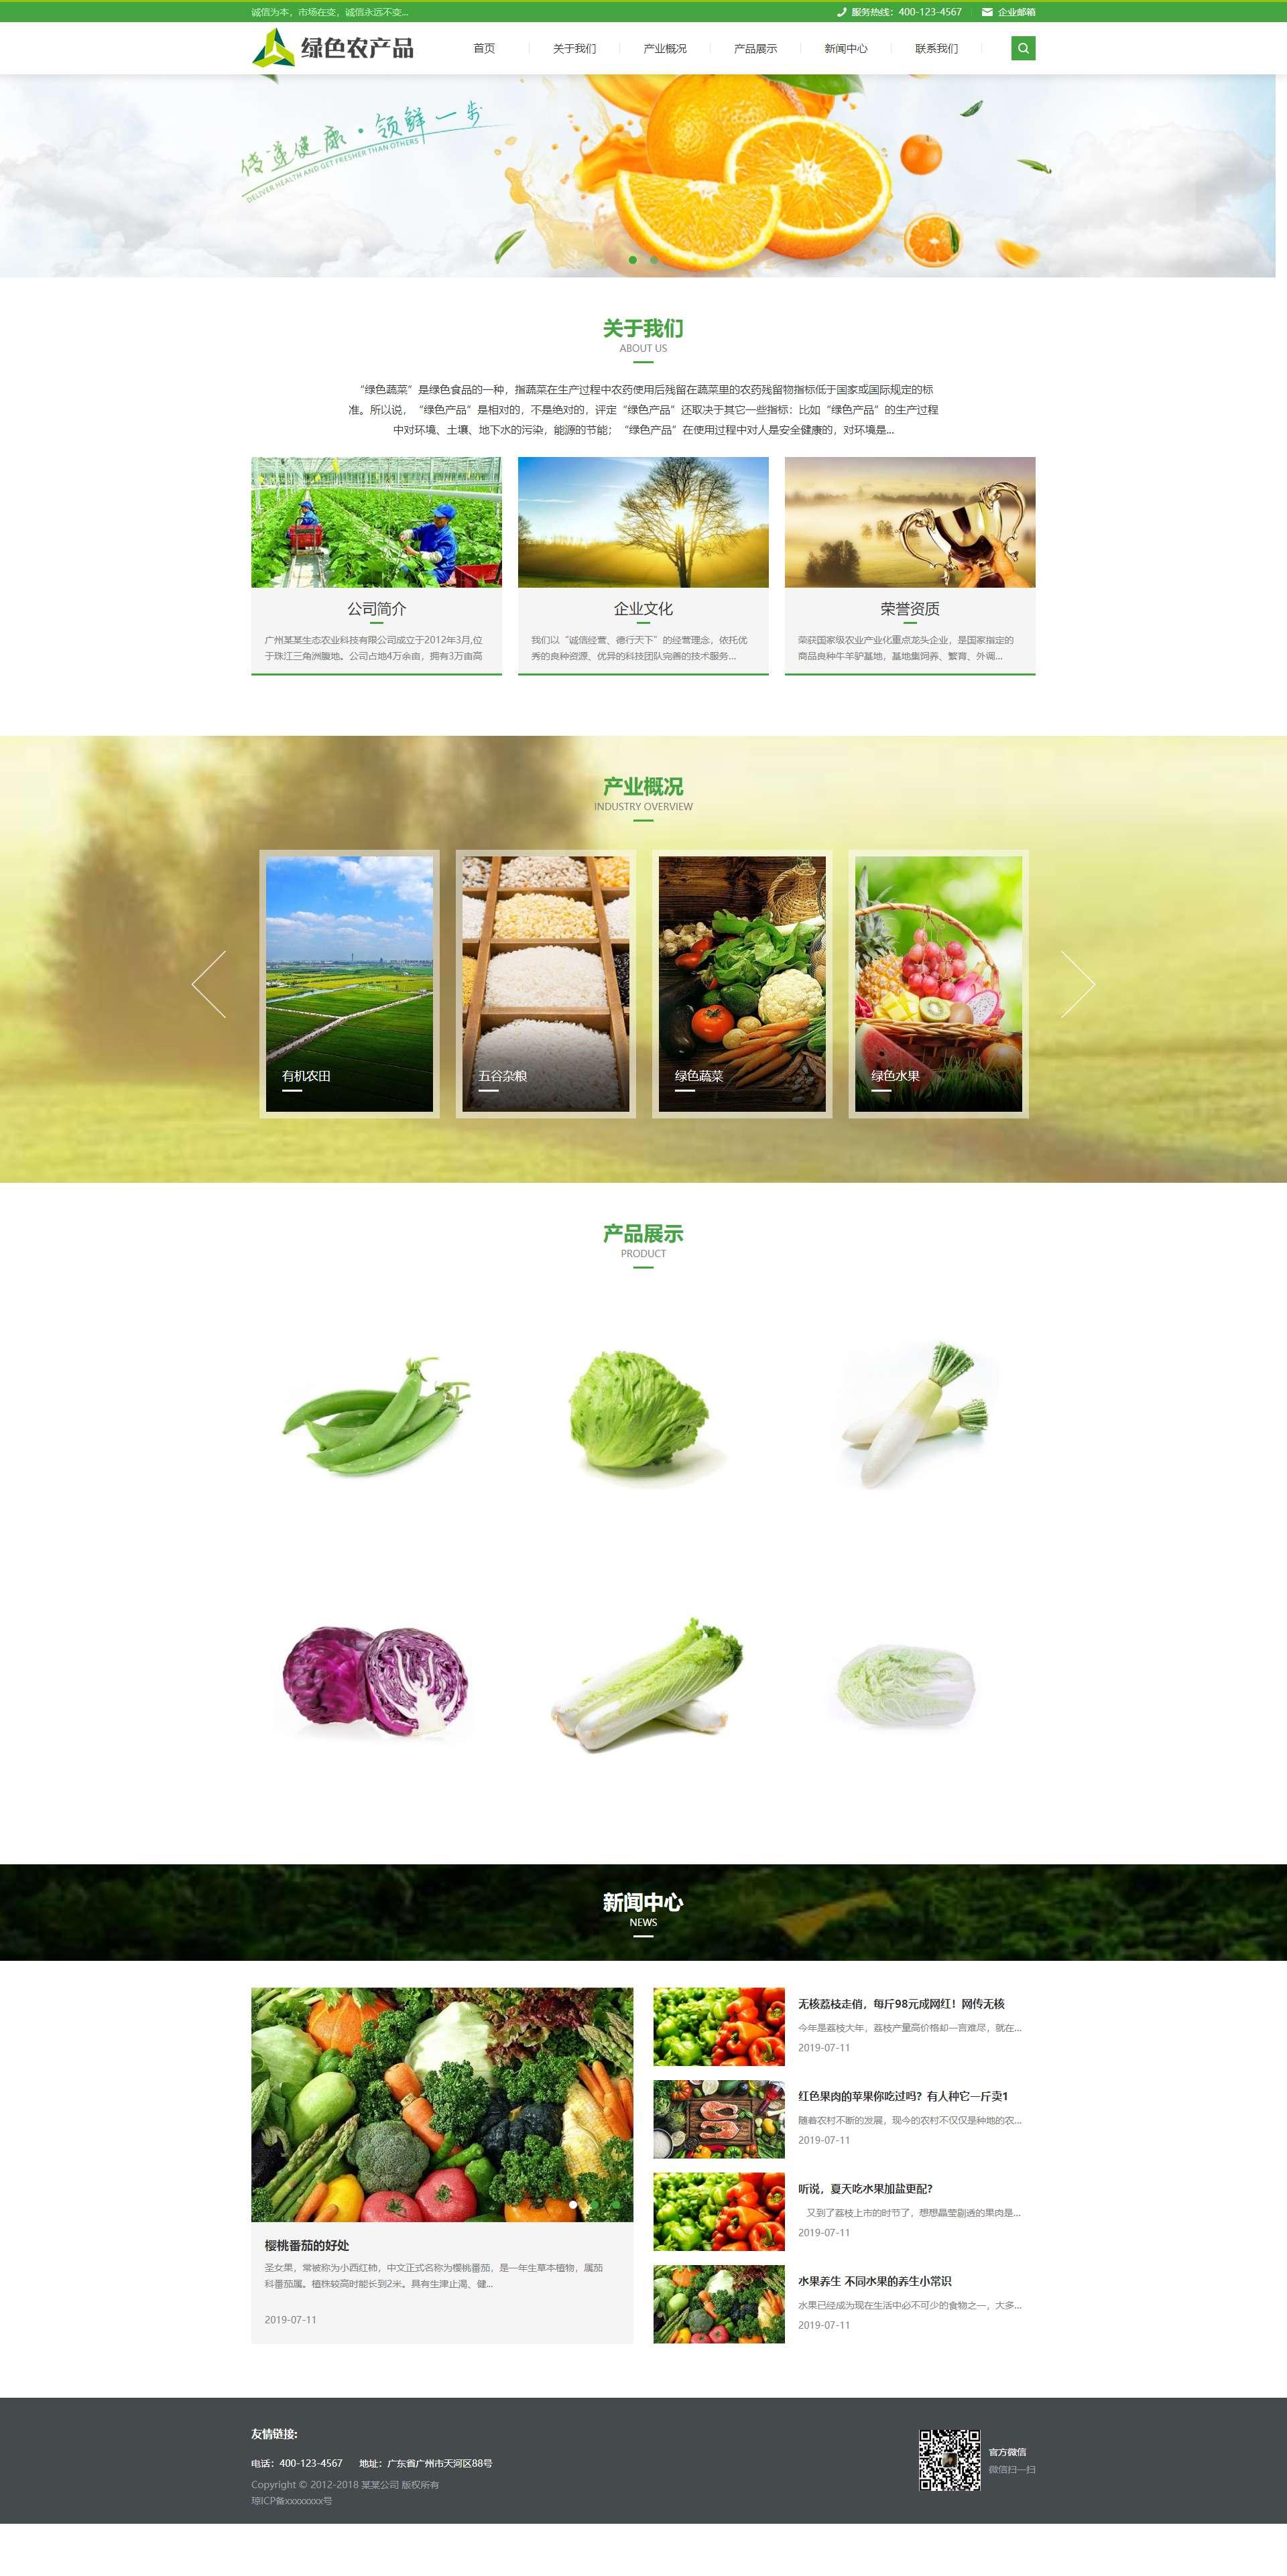 农产品网站建设模板(响应式)